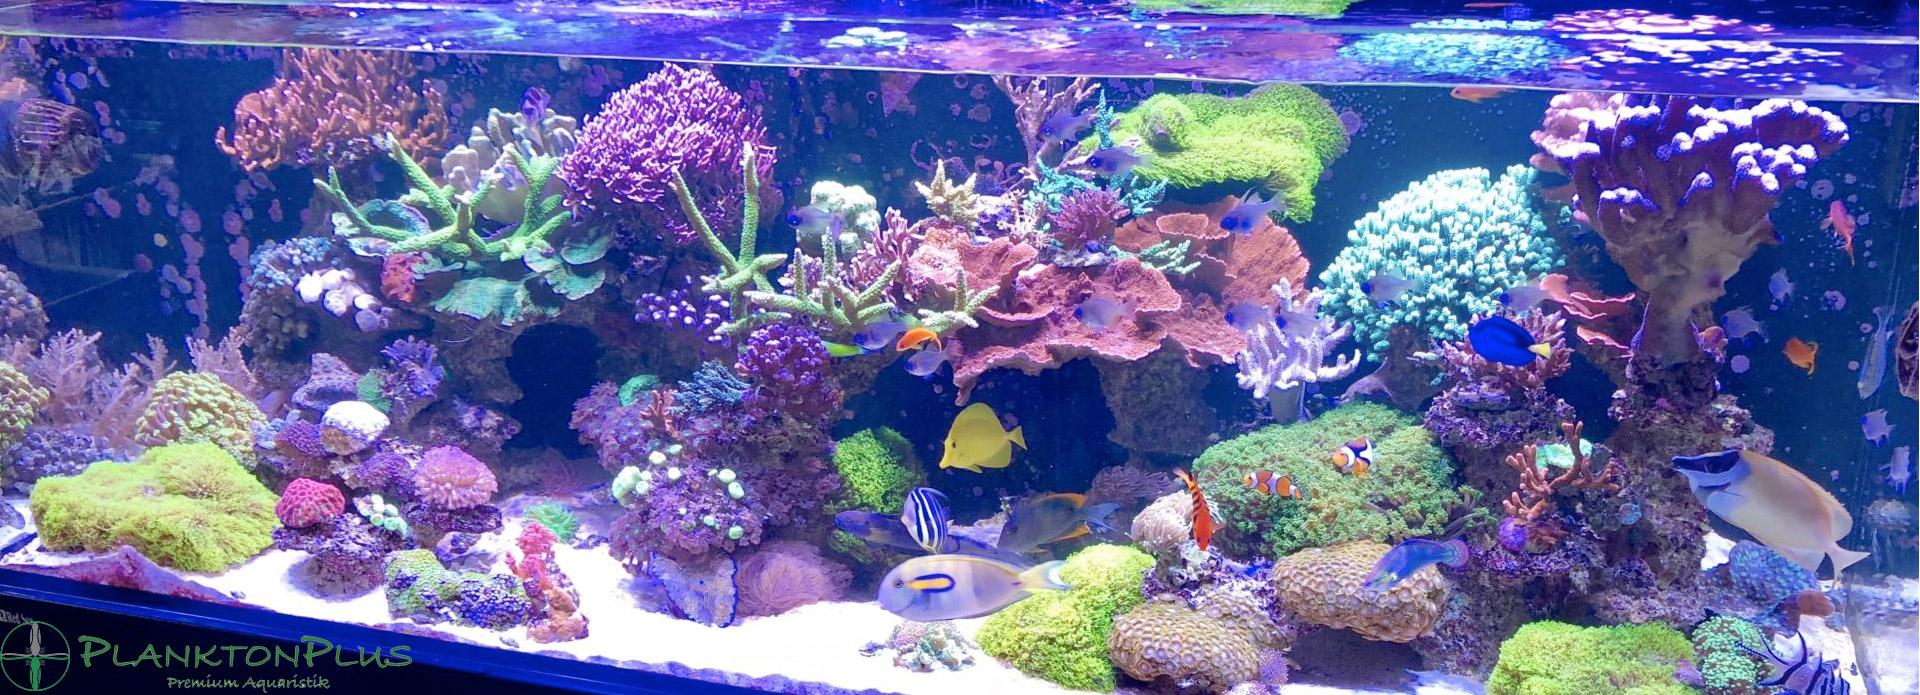 PlanktonPlus Aquaristik